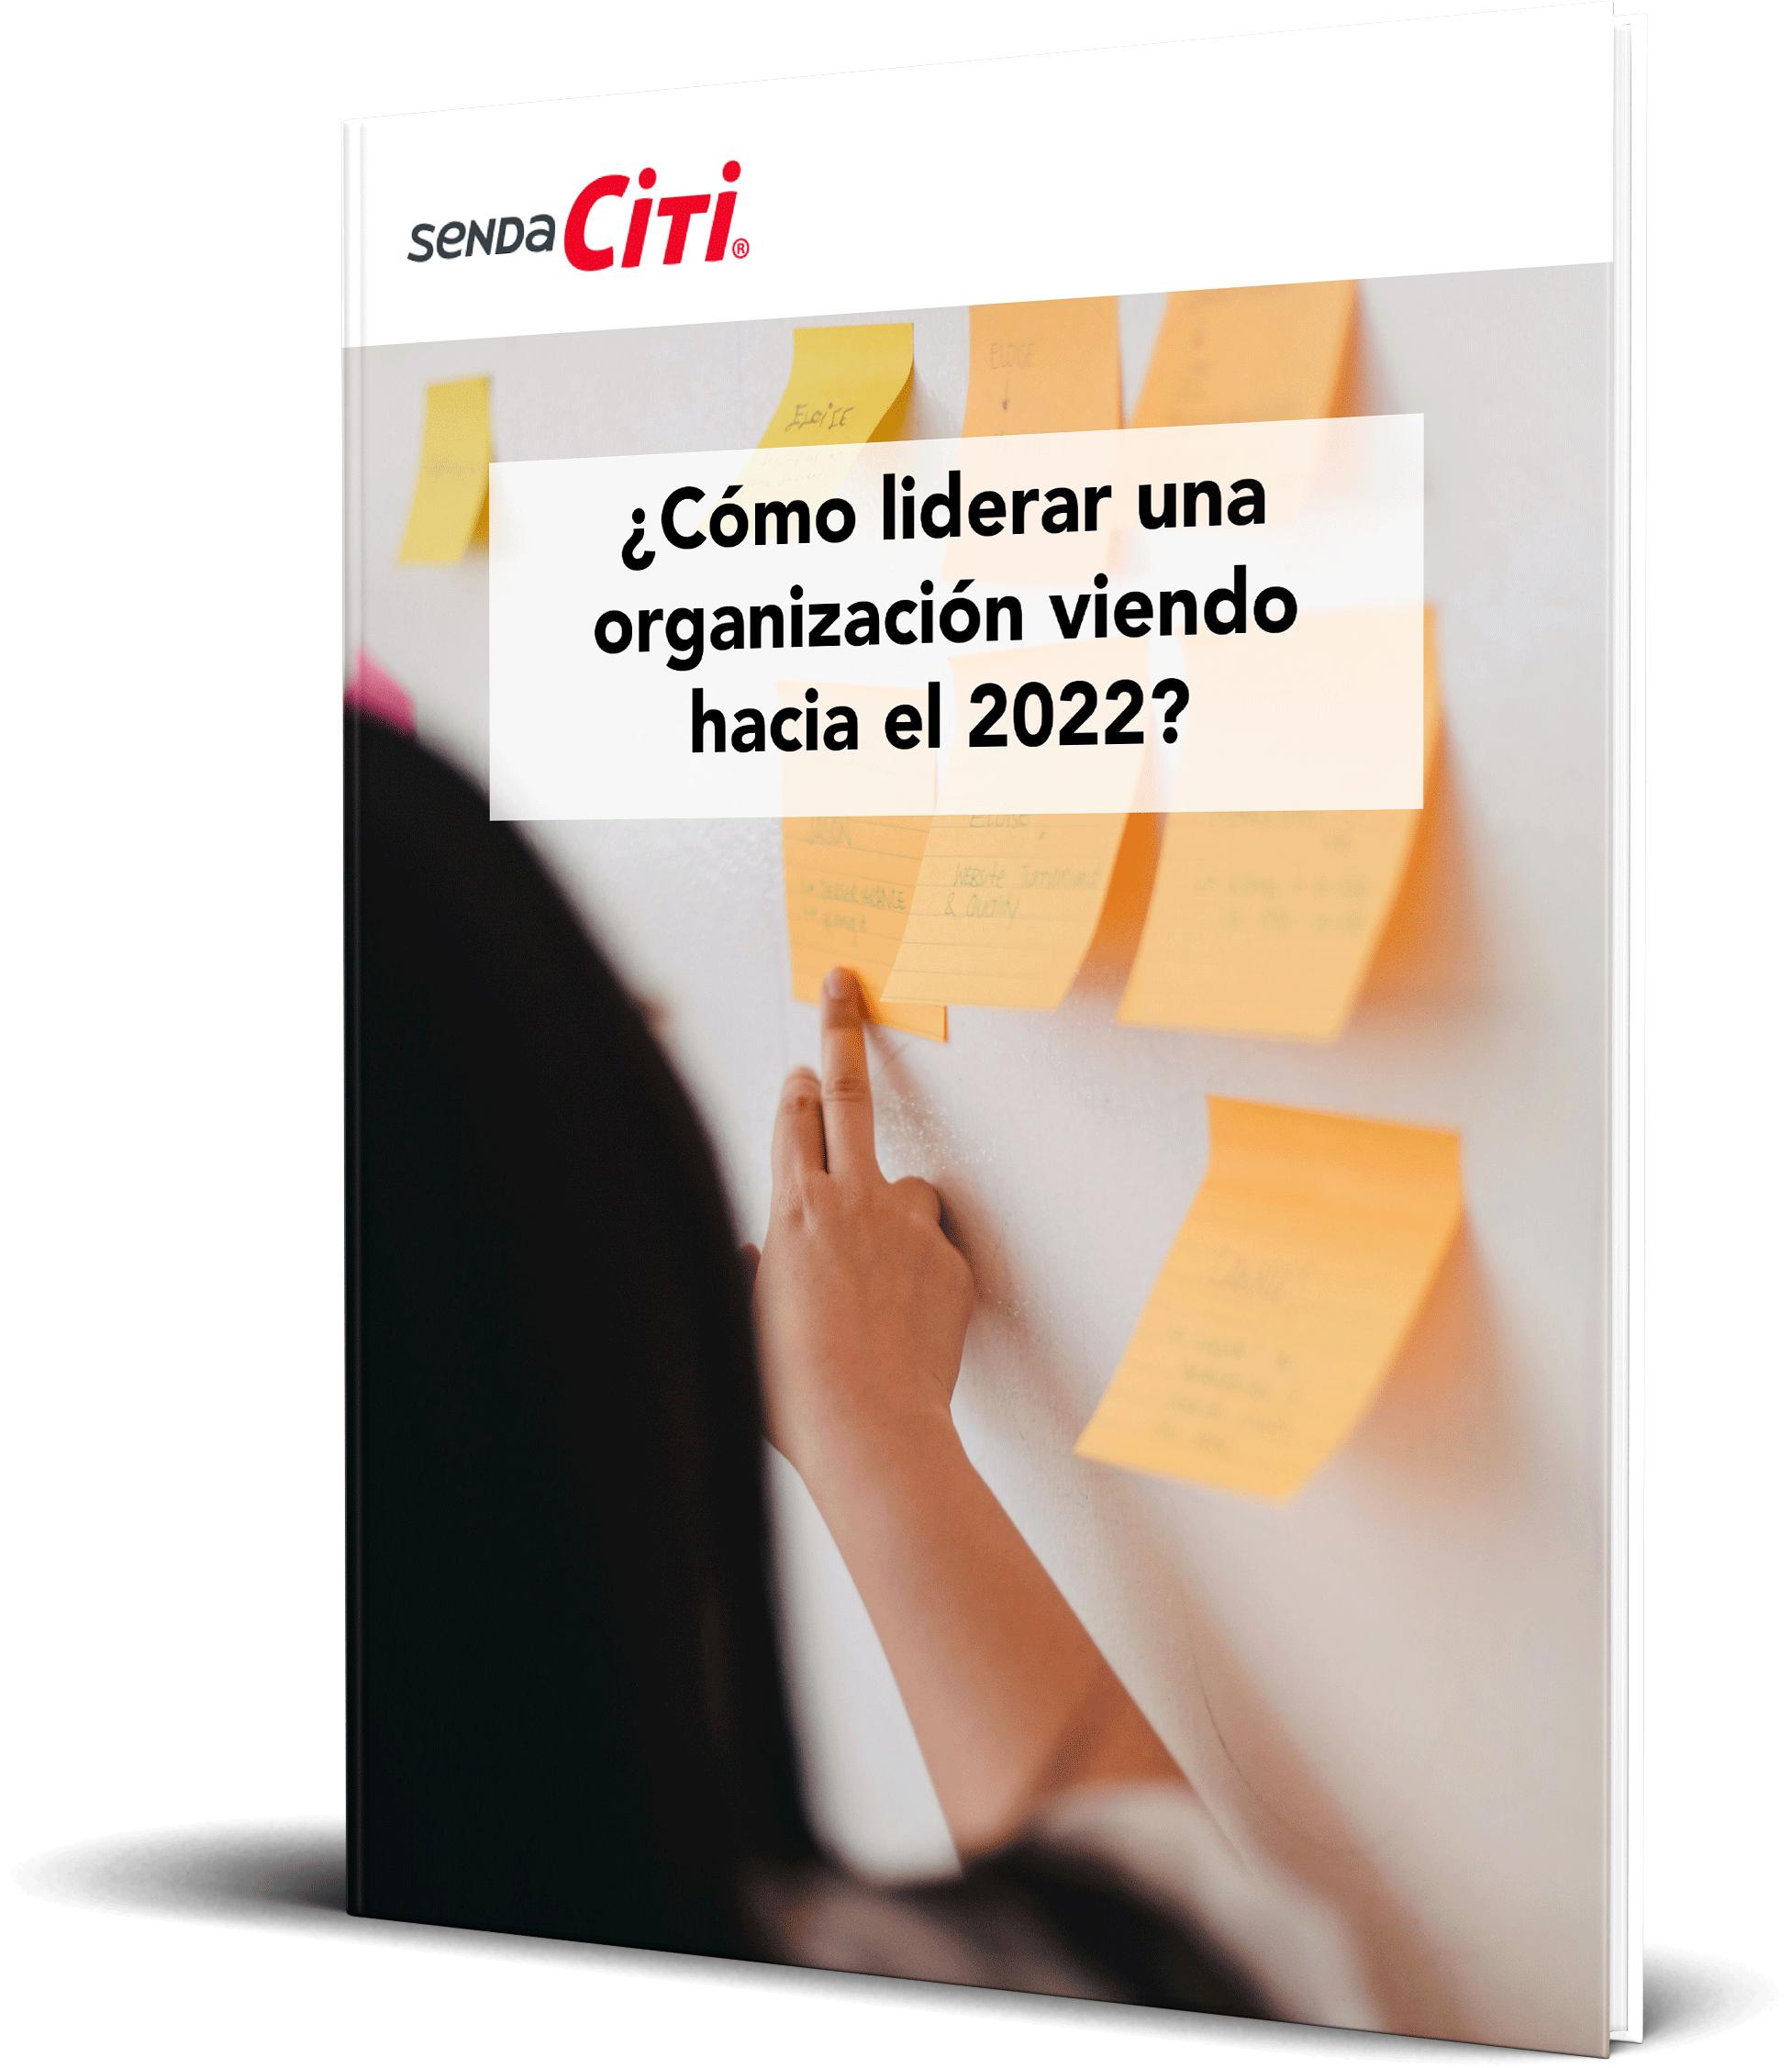 ¿Cómo liderar una organización viendo hacia el 2022?